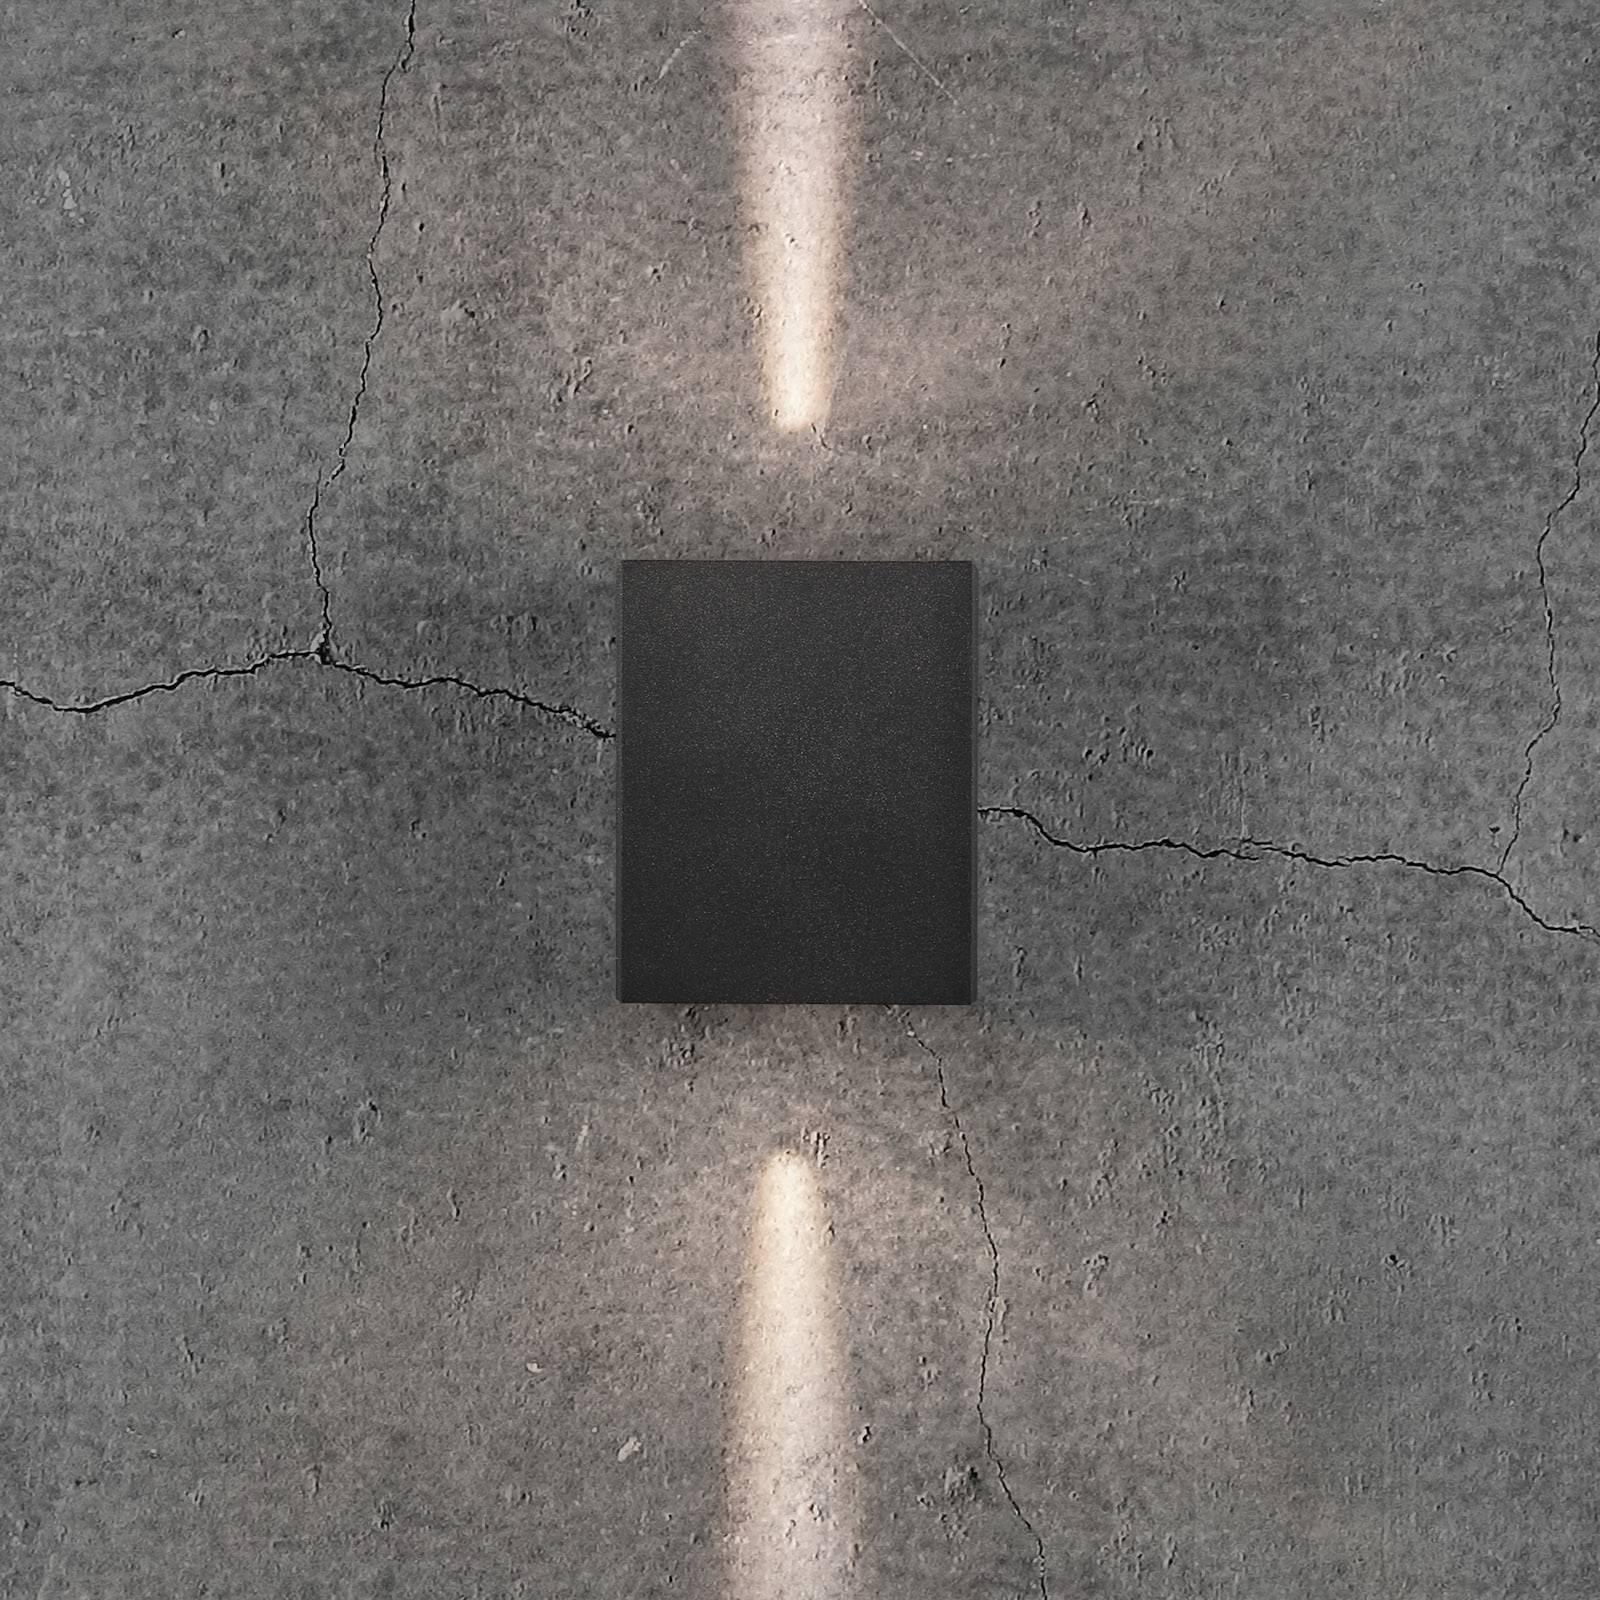 LED-ulkoseinävalaisin Canto Kubi 2, 10 cm, musta